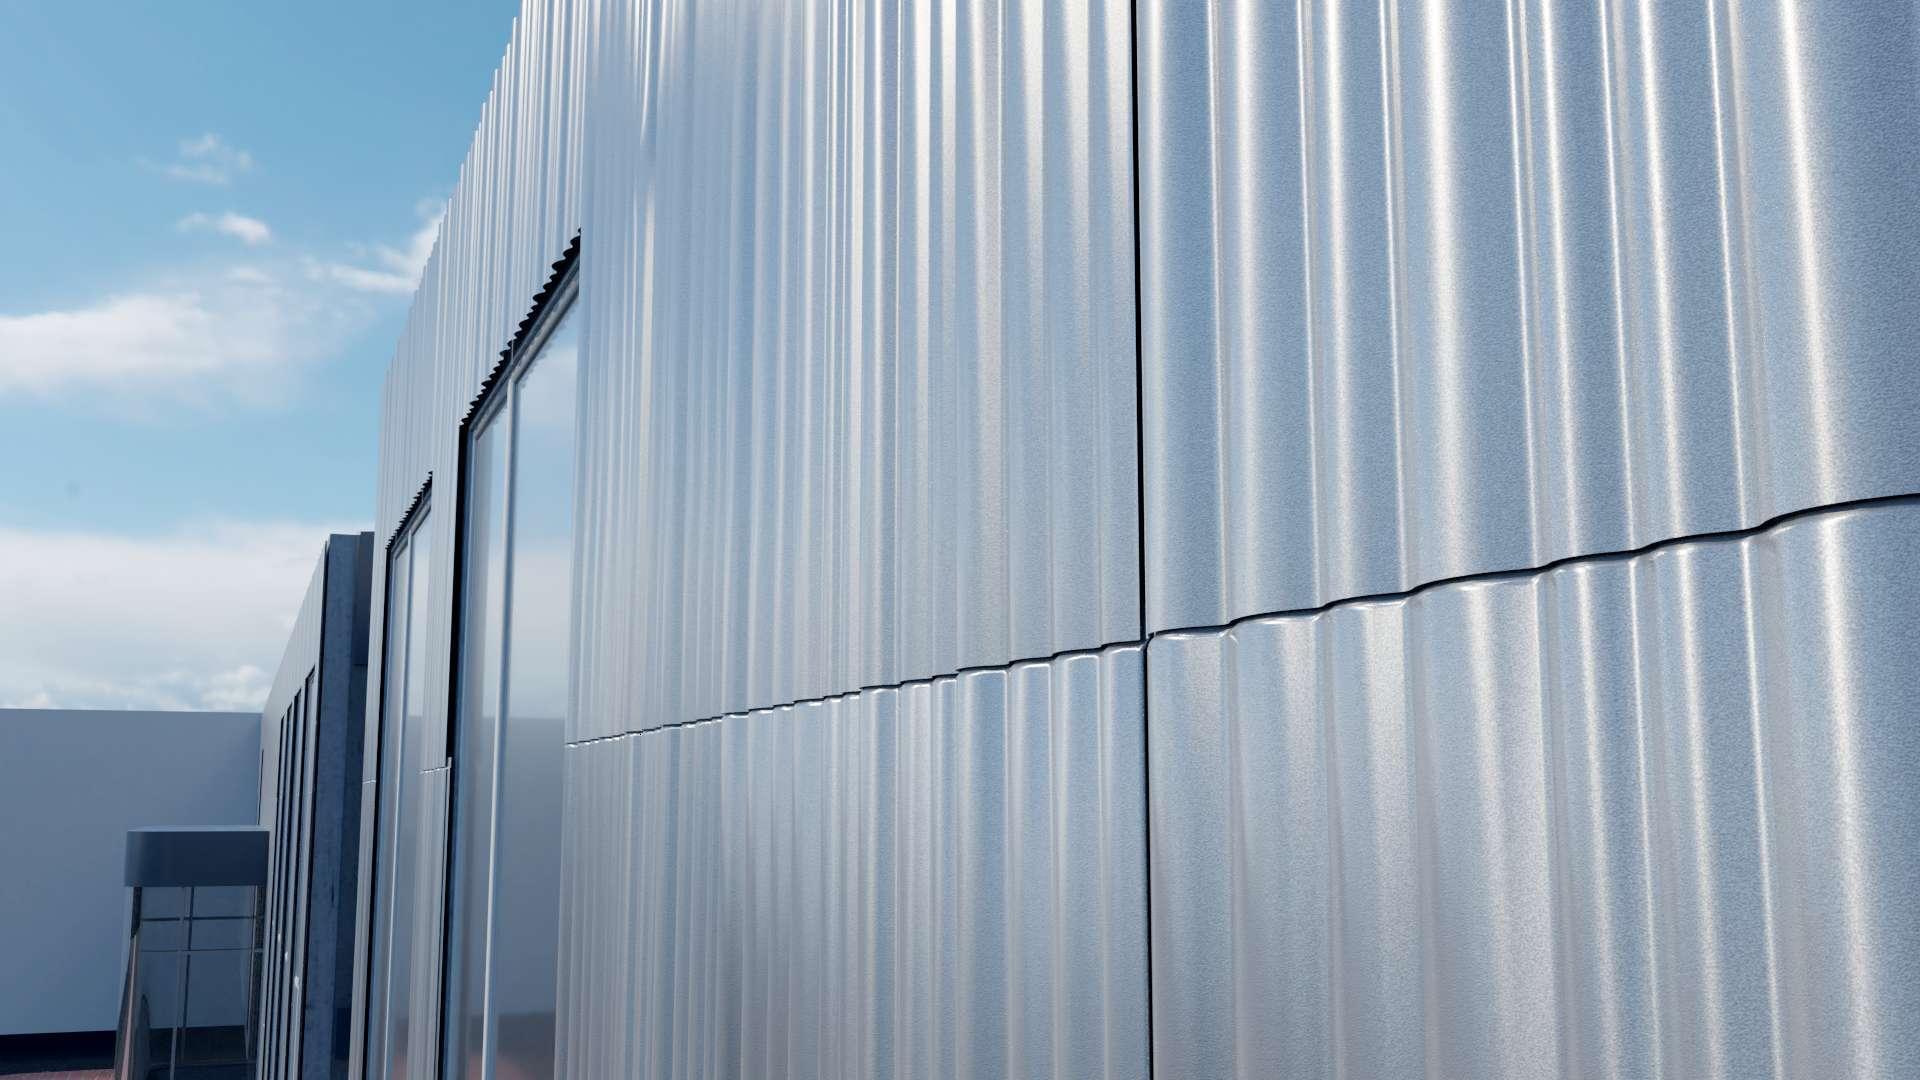 Industriegebäude Designfassade